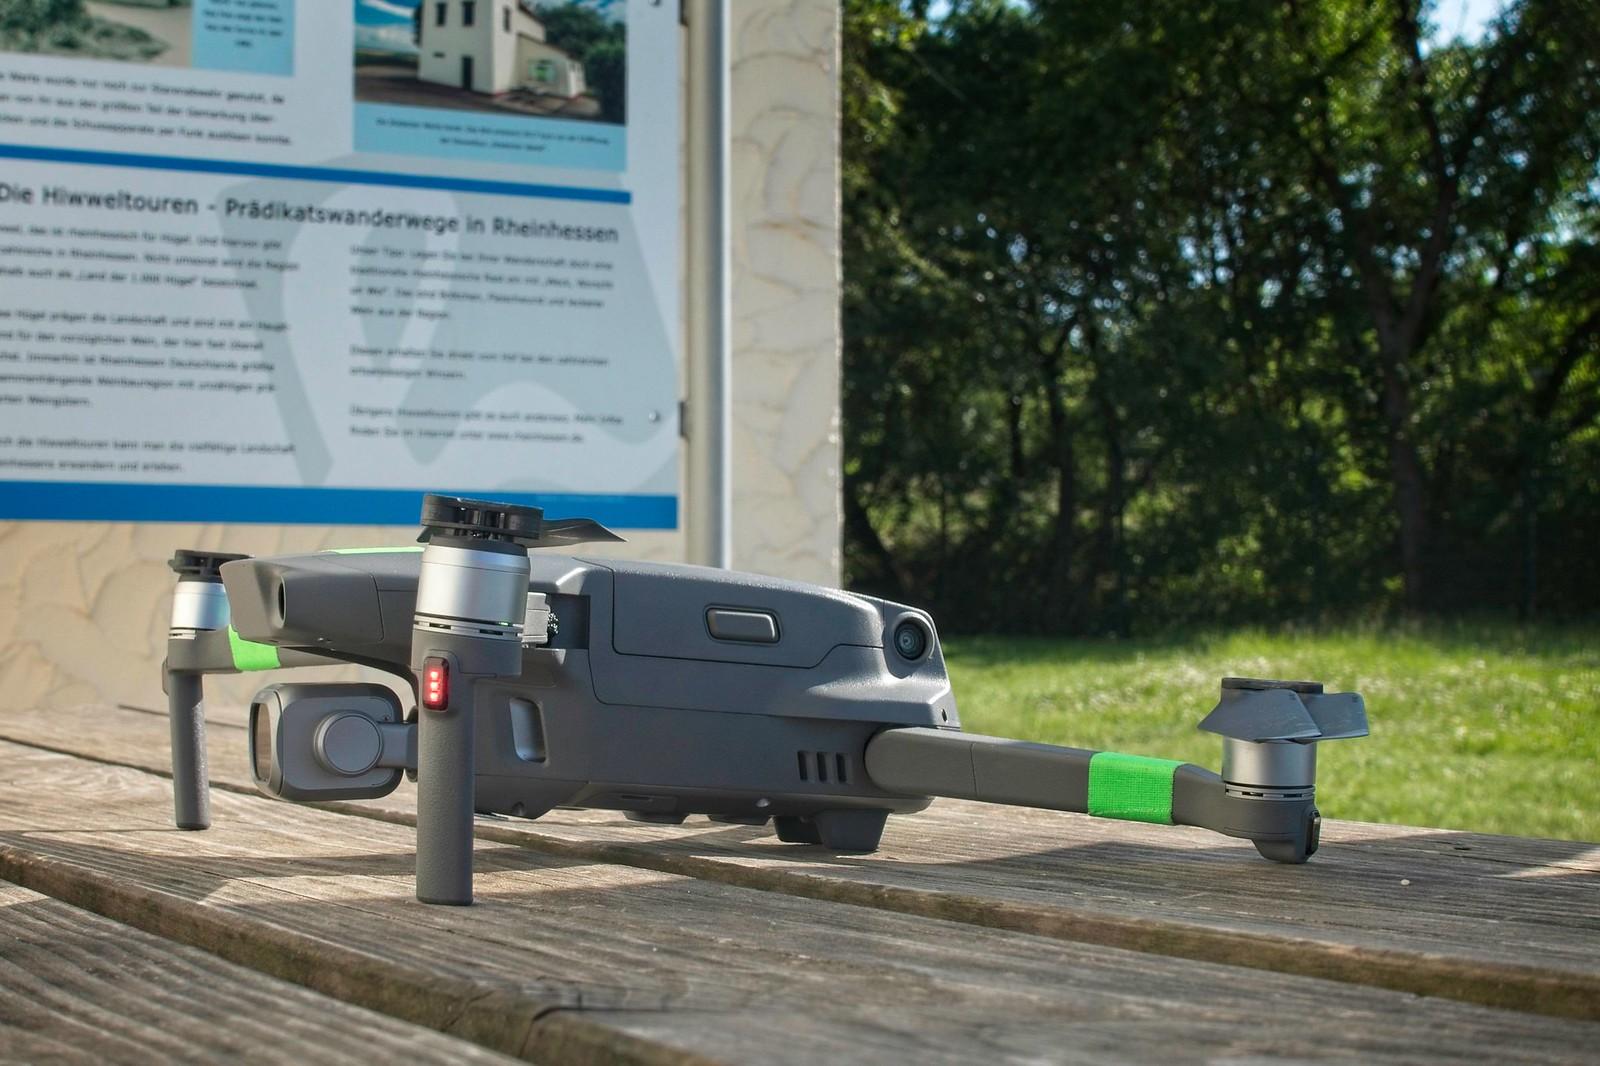 Drohne für Filmdreh auf Hiwweltour Stadecker Warte in Rheinhessen